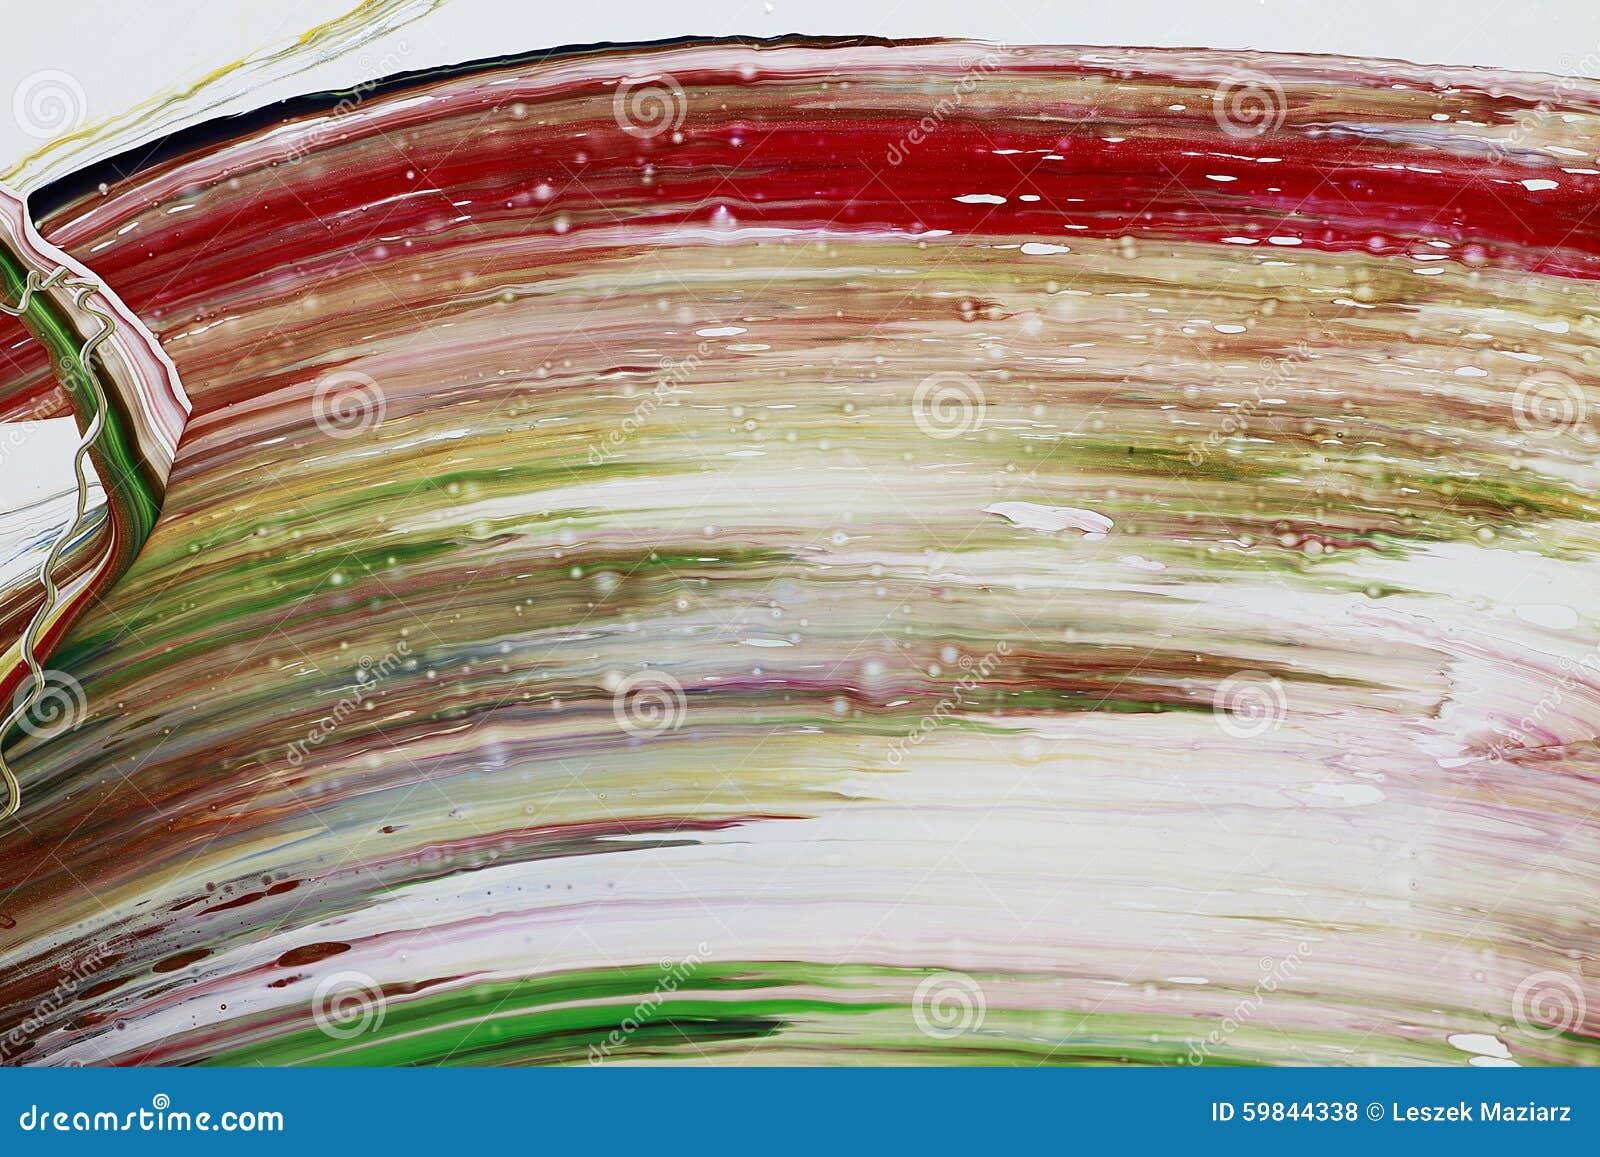 De abstracte verf kleurt achtergrond